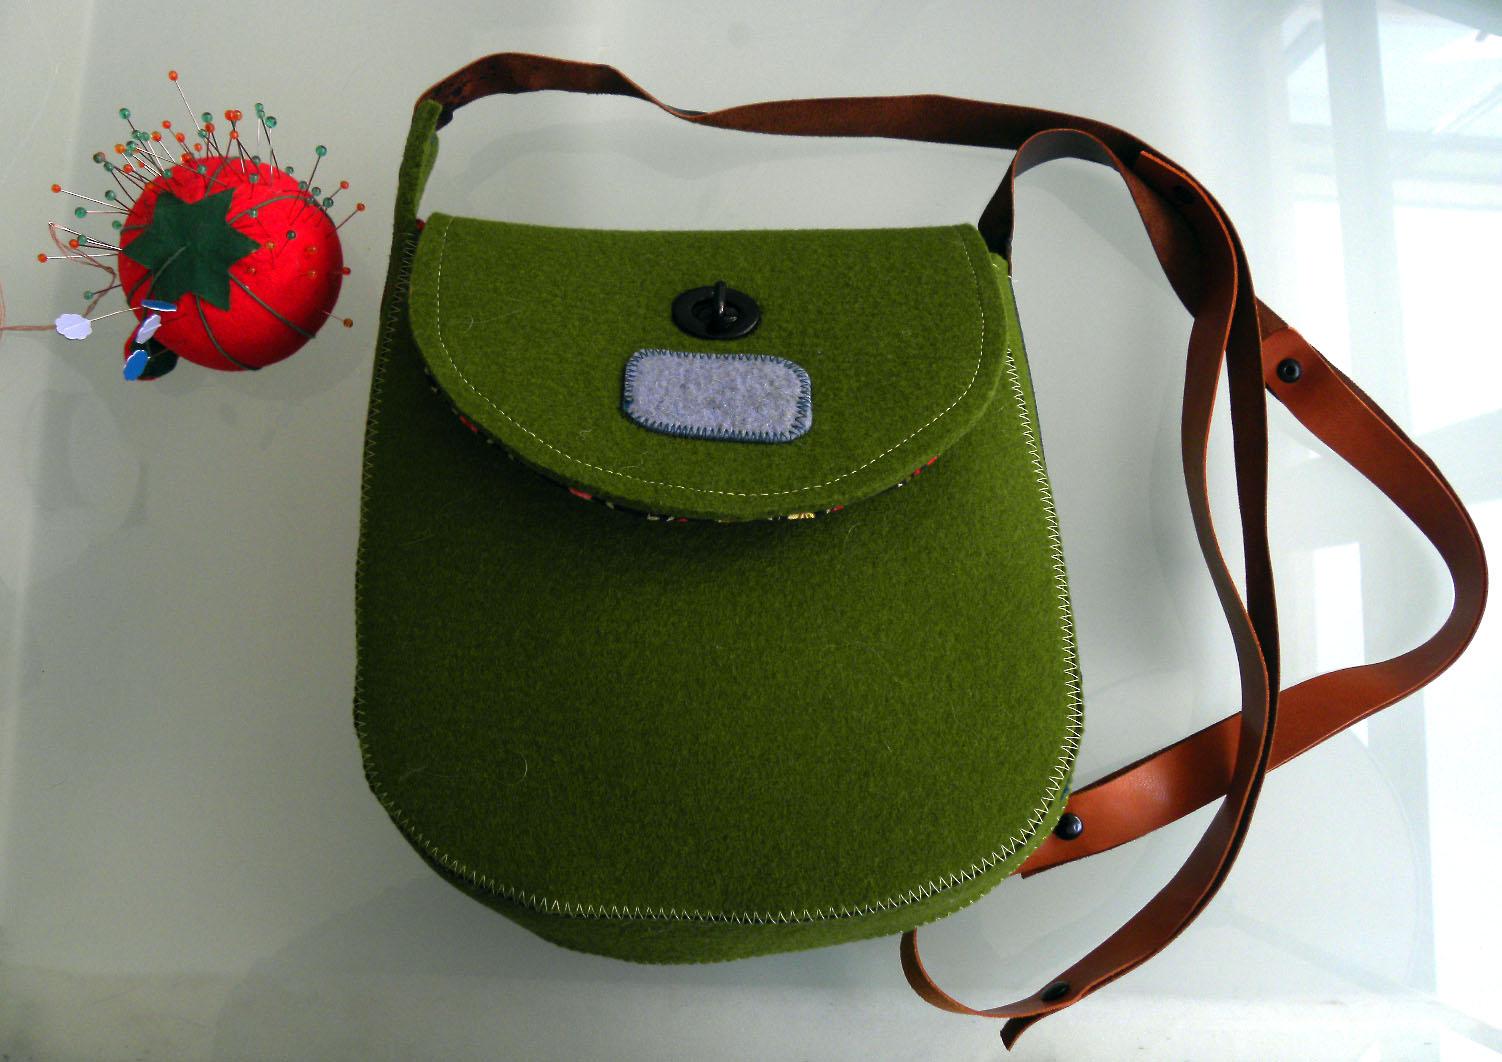 Bolsa De Mano Pequeña Wizzair : Chocochips la preciosura hecha bolsa